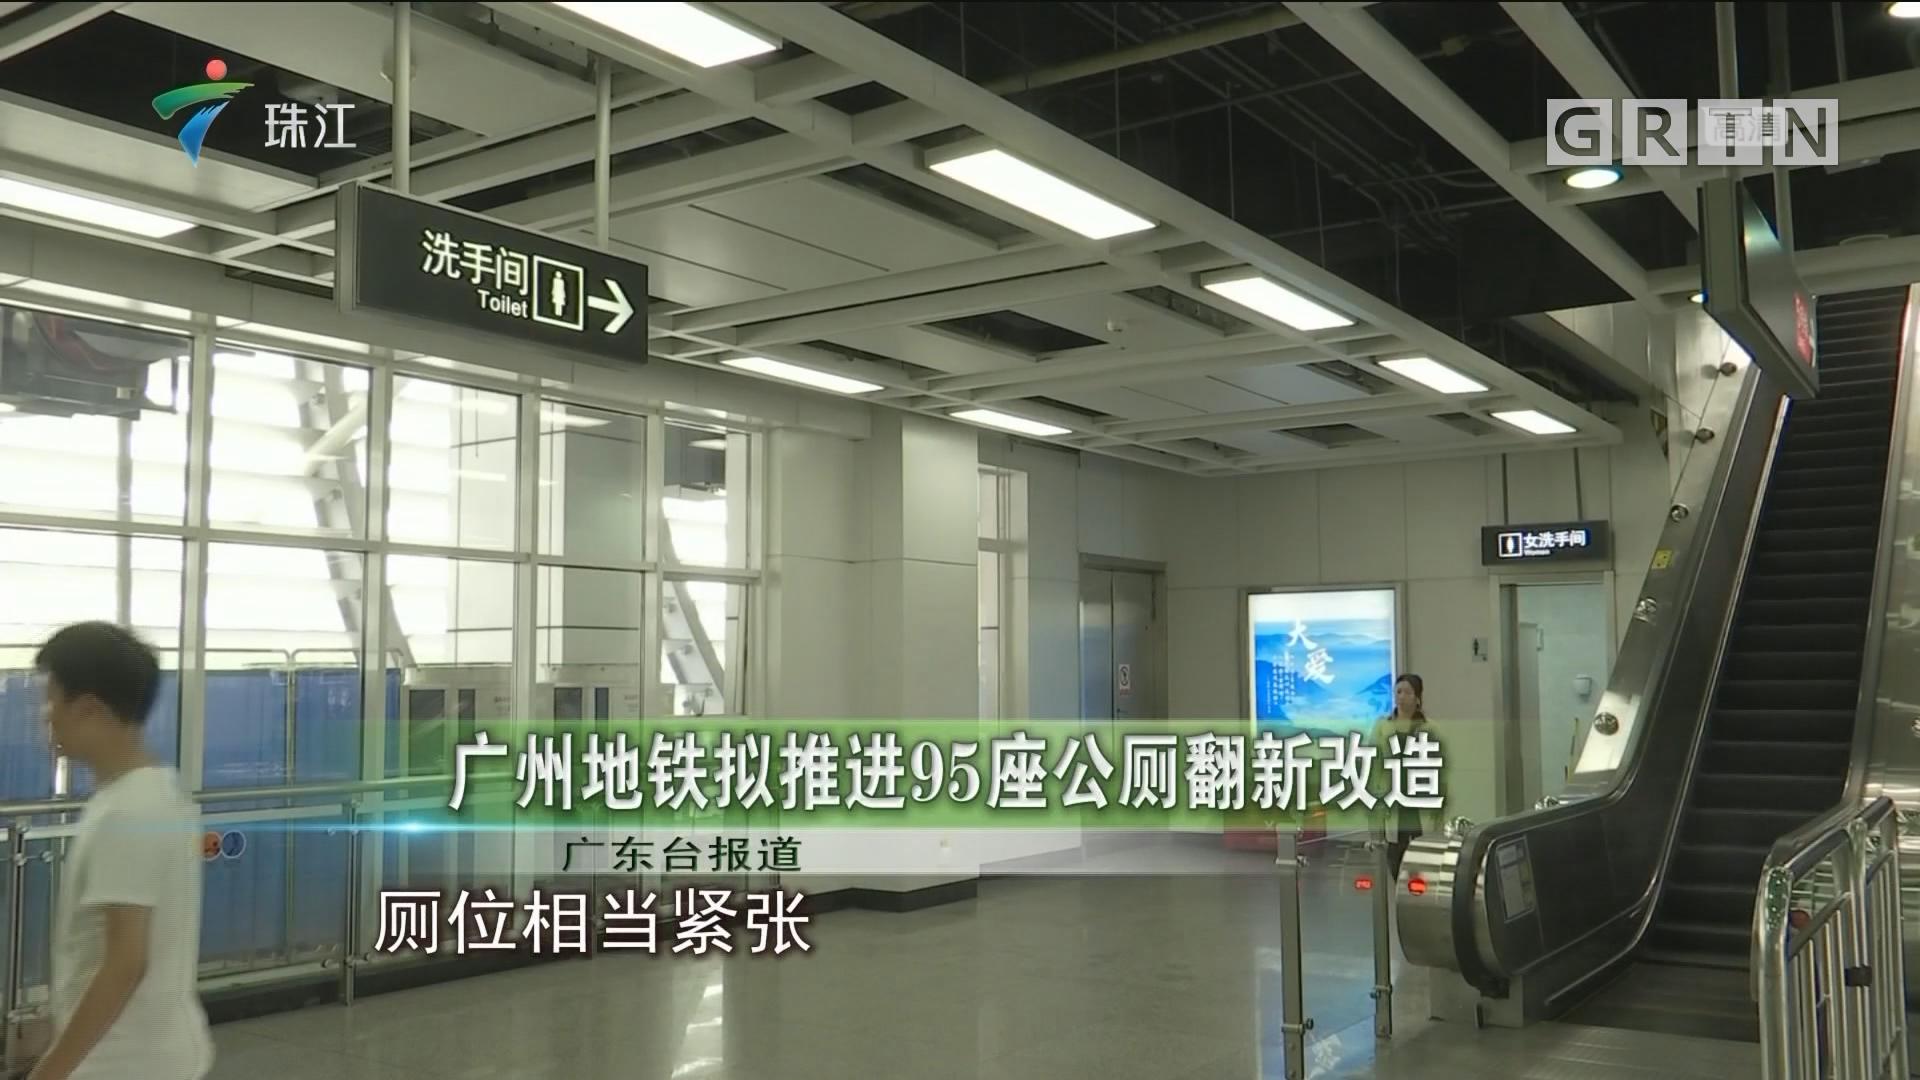 广州地铁拟推进95座公厕翻新改造